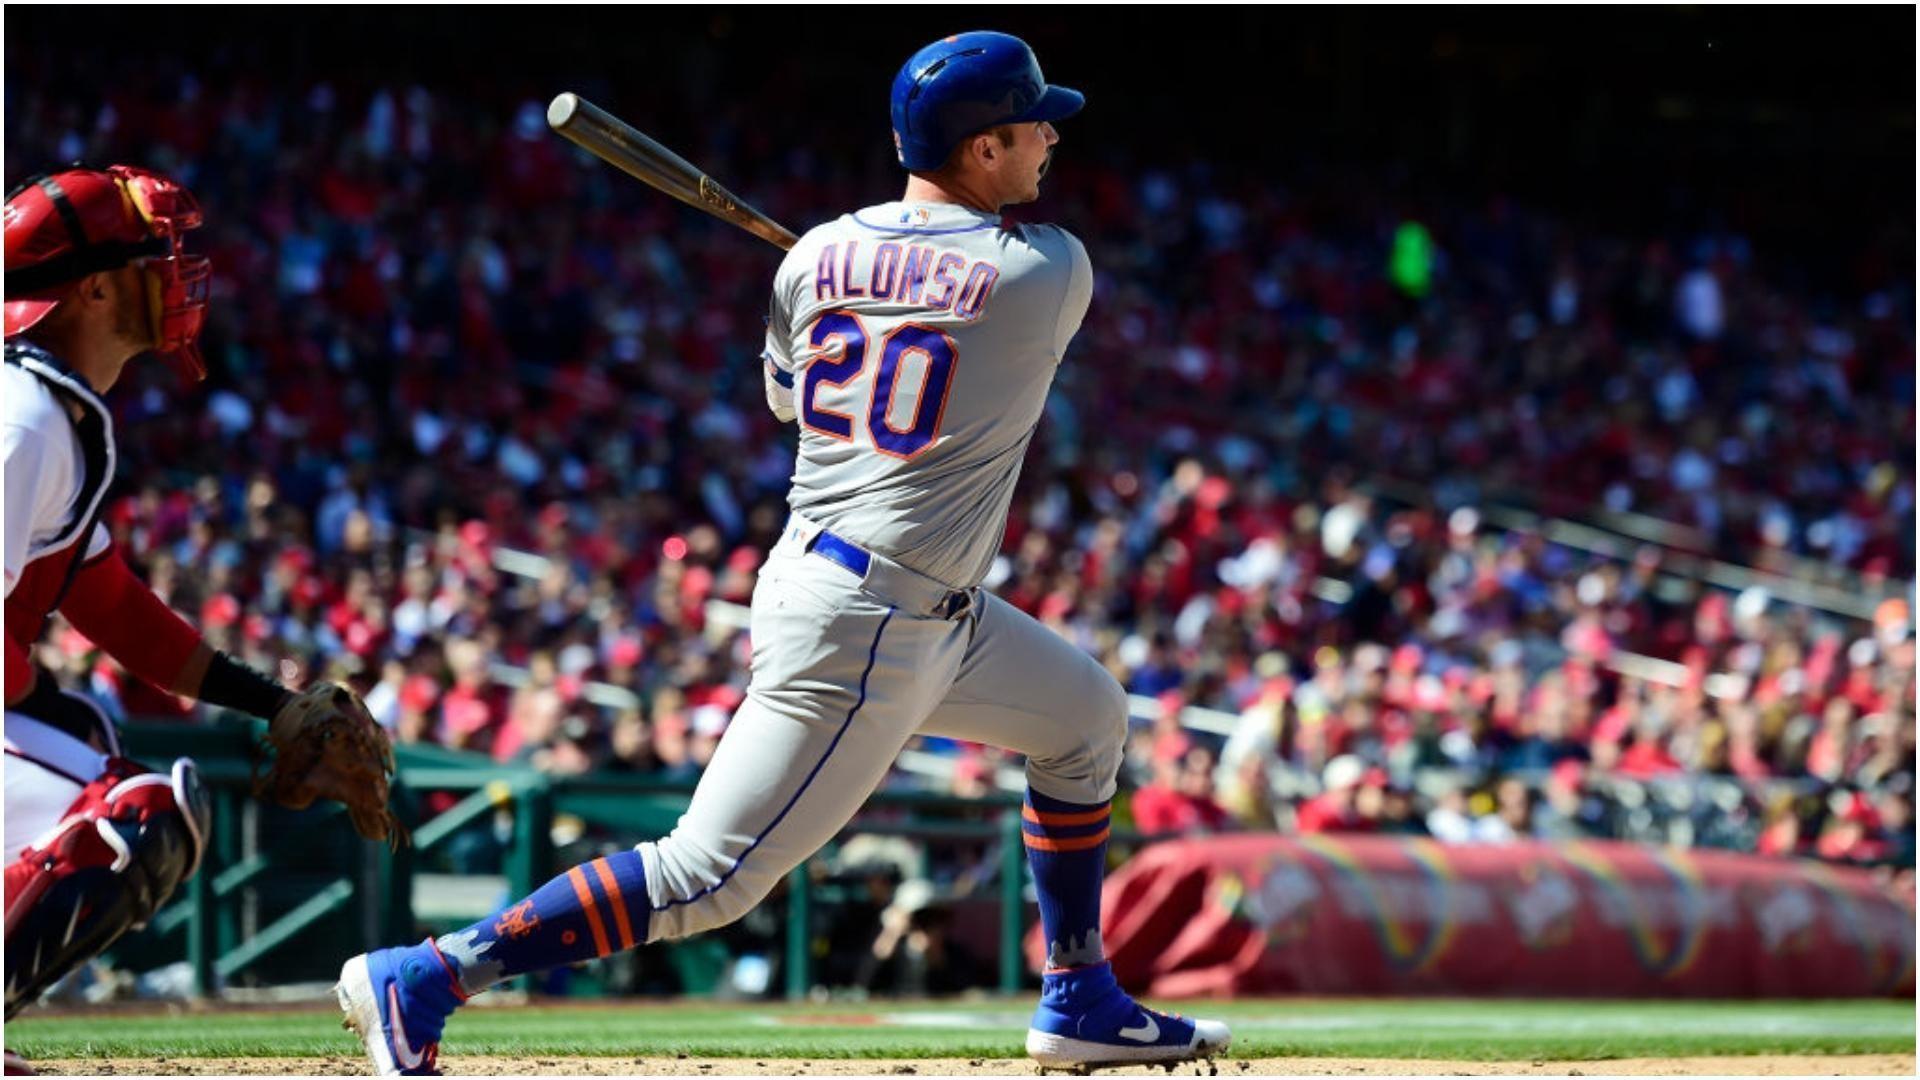 New York Mets desktop background hd